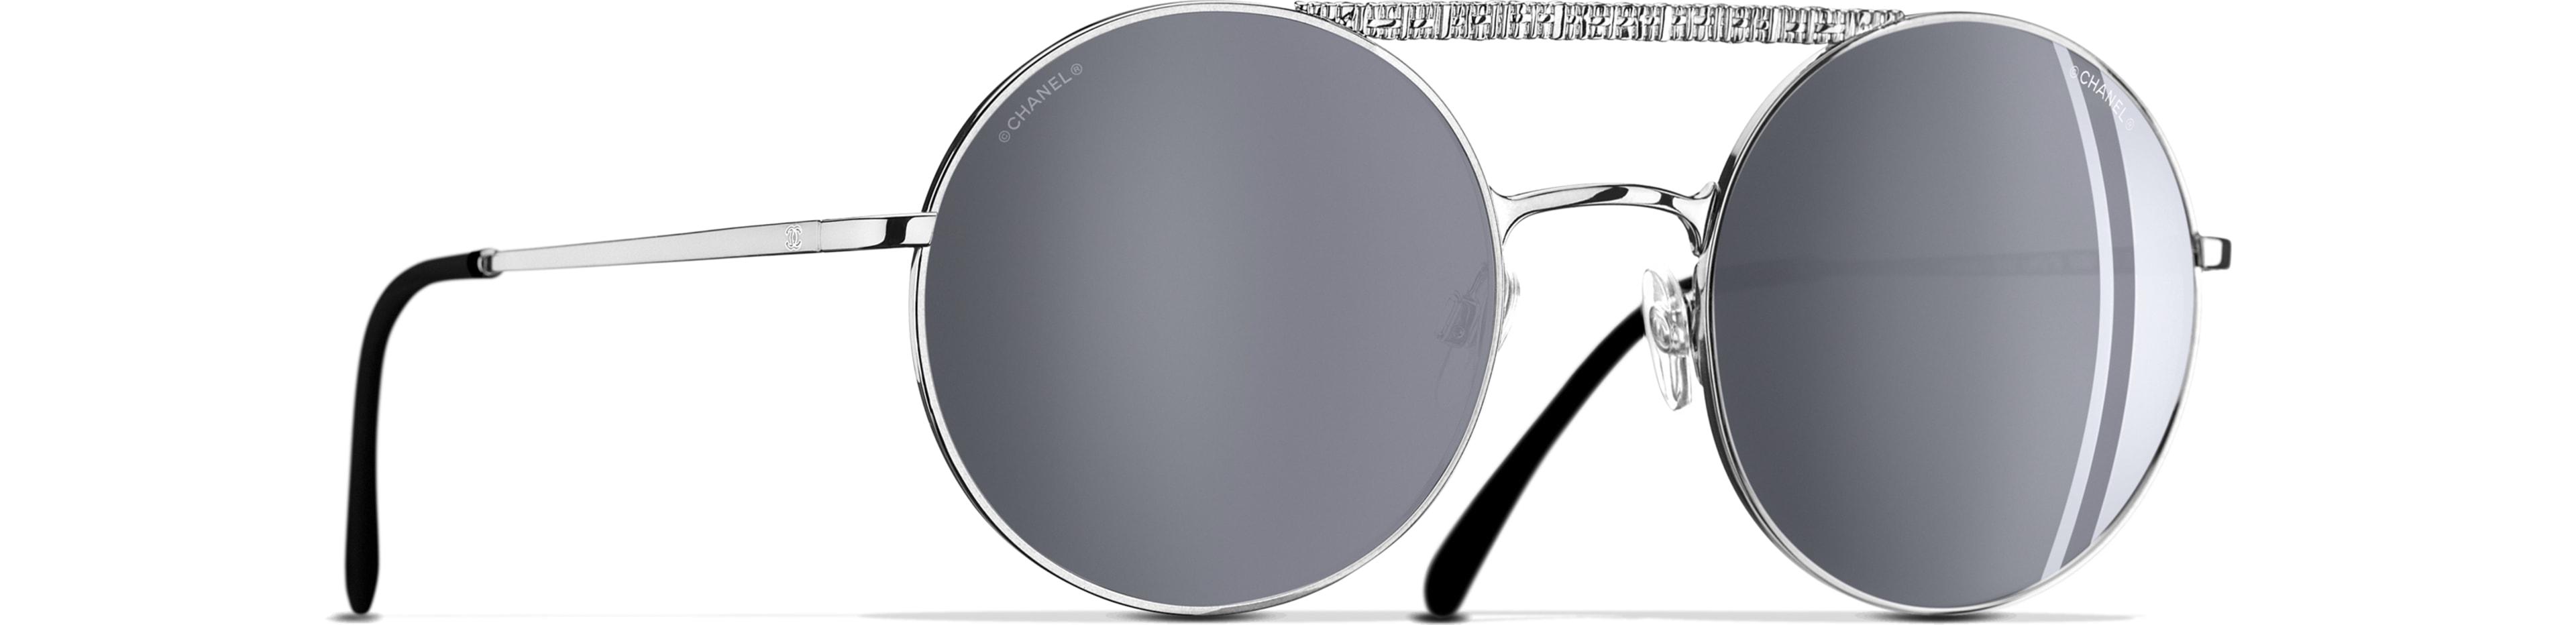 Metal silver frame. Silver mirror lenses